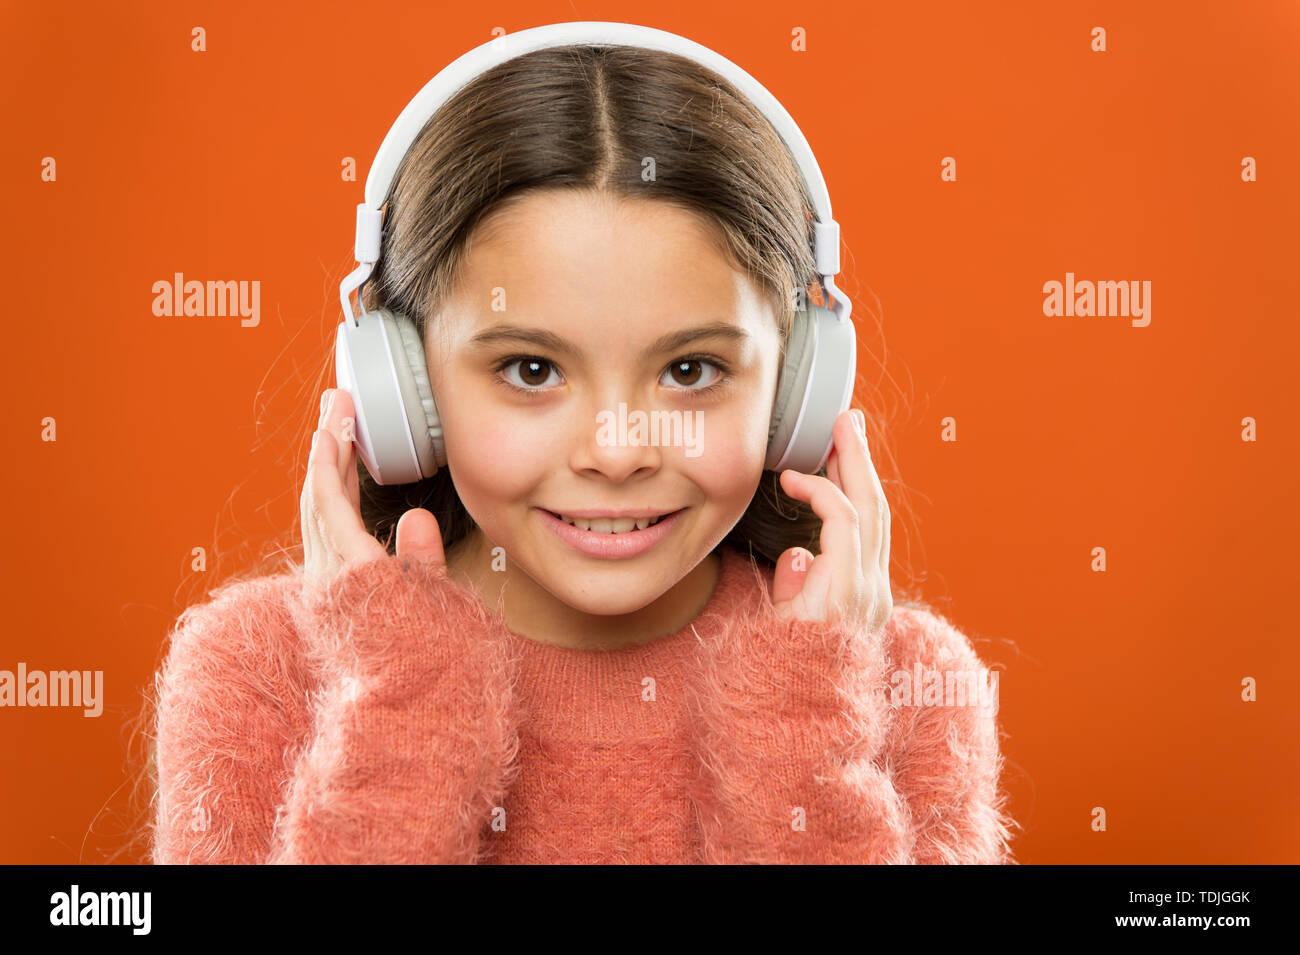 La musique moderne est son style de vie et de plaisir. Petite fille moderne portant des écouteurs bluetooth. Petit enfant à écouter de la musique dans la vie quotidienne. L'utilisation de la technologie moderne dans la vie quotidienne. La vie moderne. Photo Stock